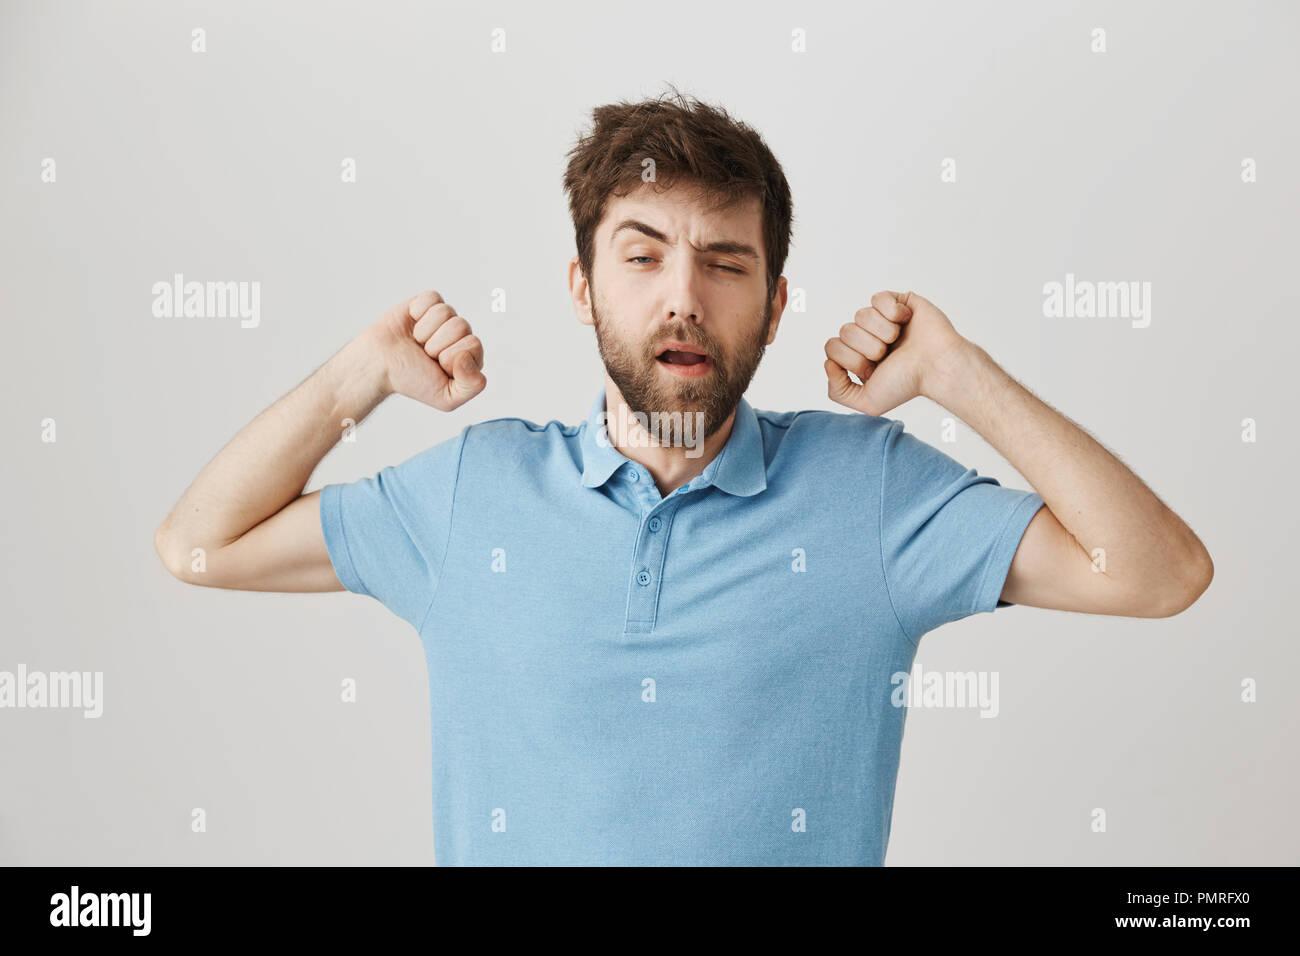 Desordenado y soñolienta adulto hombre barbado estiramientos con manos levantadas y bostezos, entrecerrar como si él desperté, erguido sobre un fondo gris. El hombre se levantó y permanecer en el baño para lavarse la cara Imagen De Stock